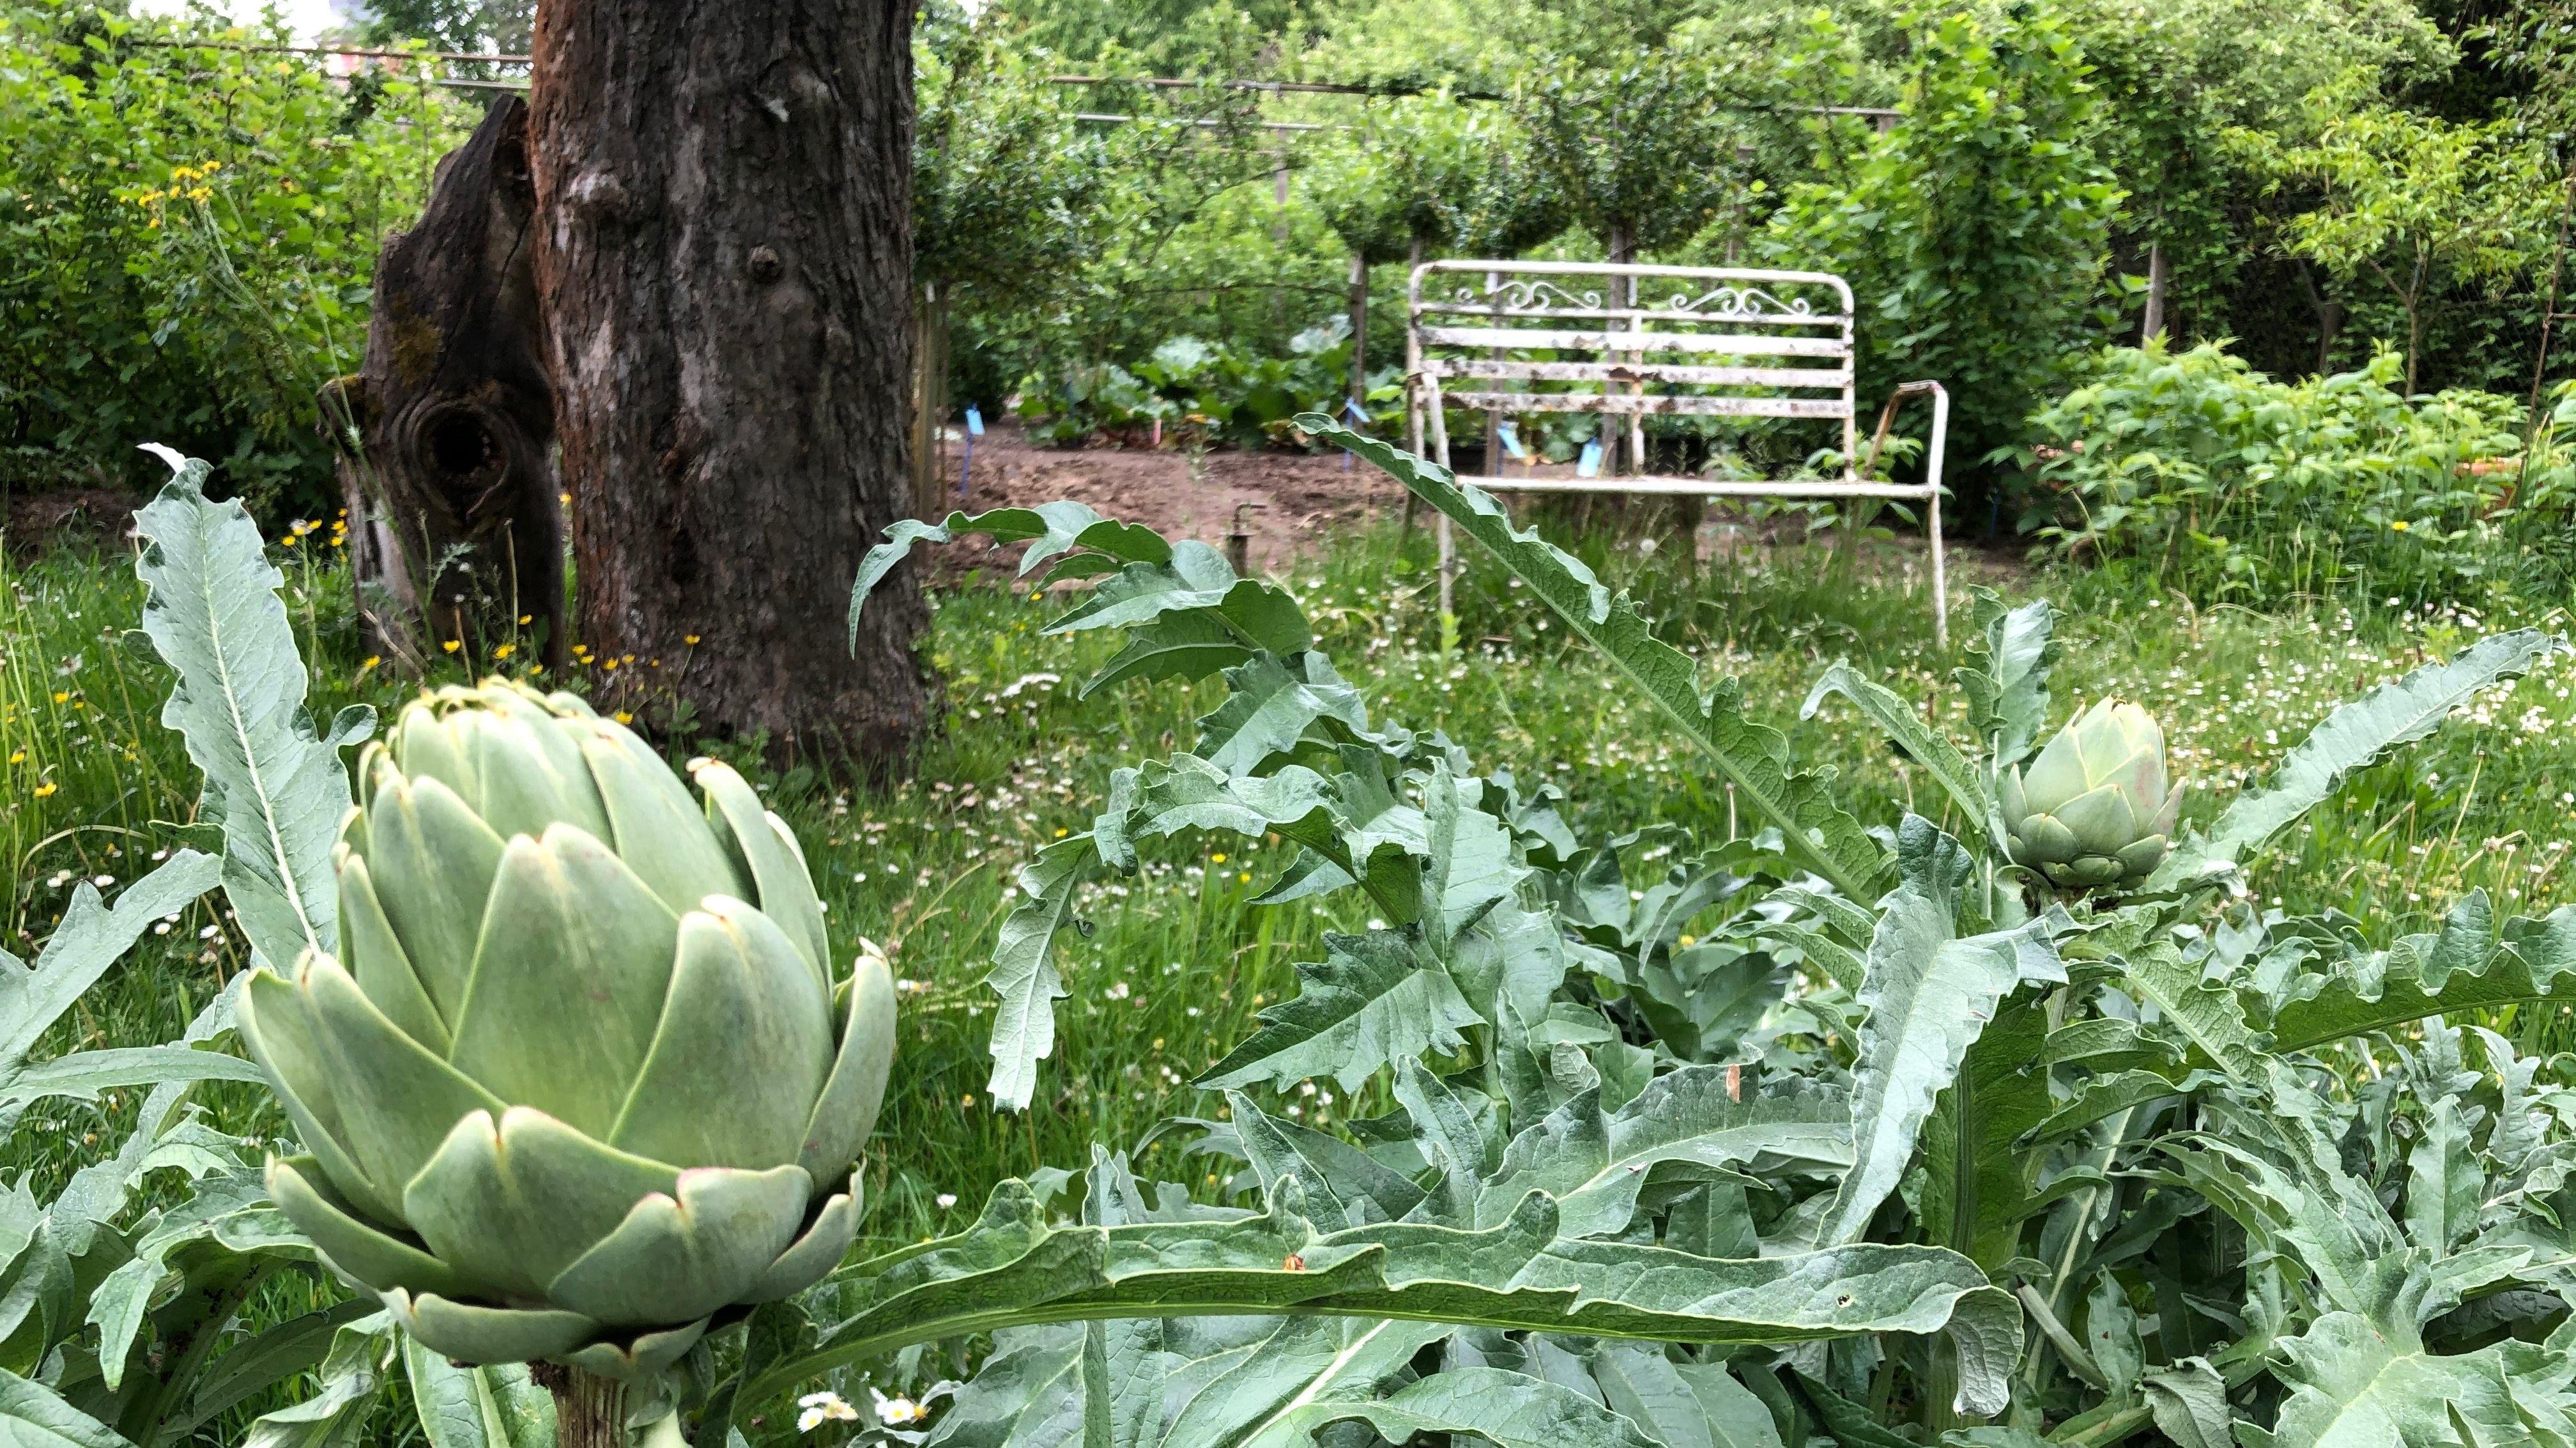 Artischockenpflanze in naturnahem Garten in Veitshöchheim